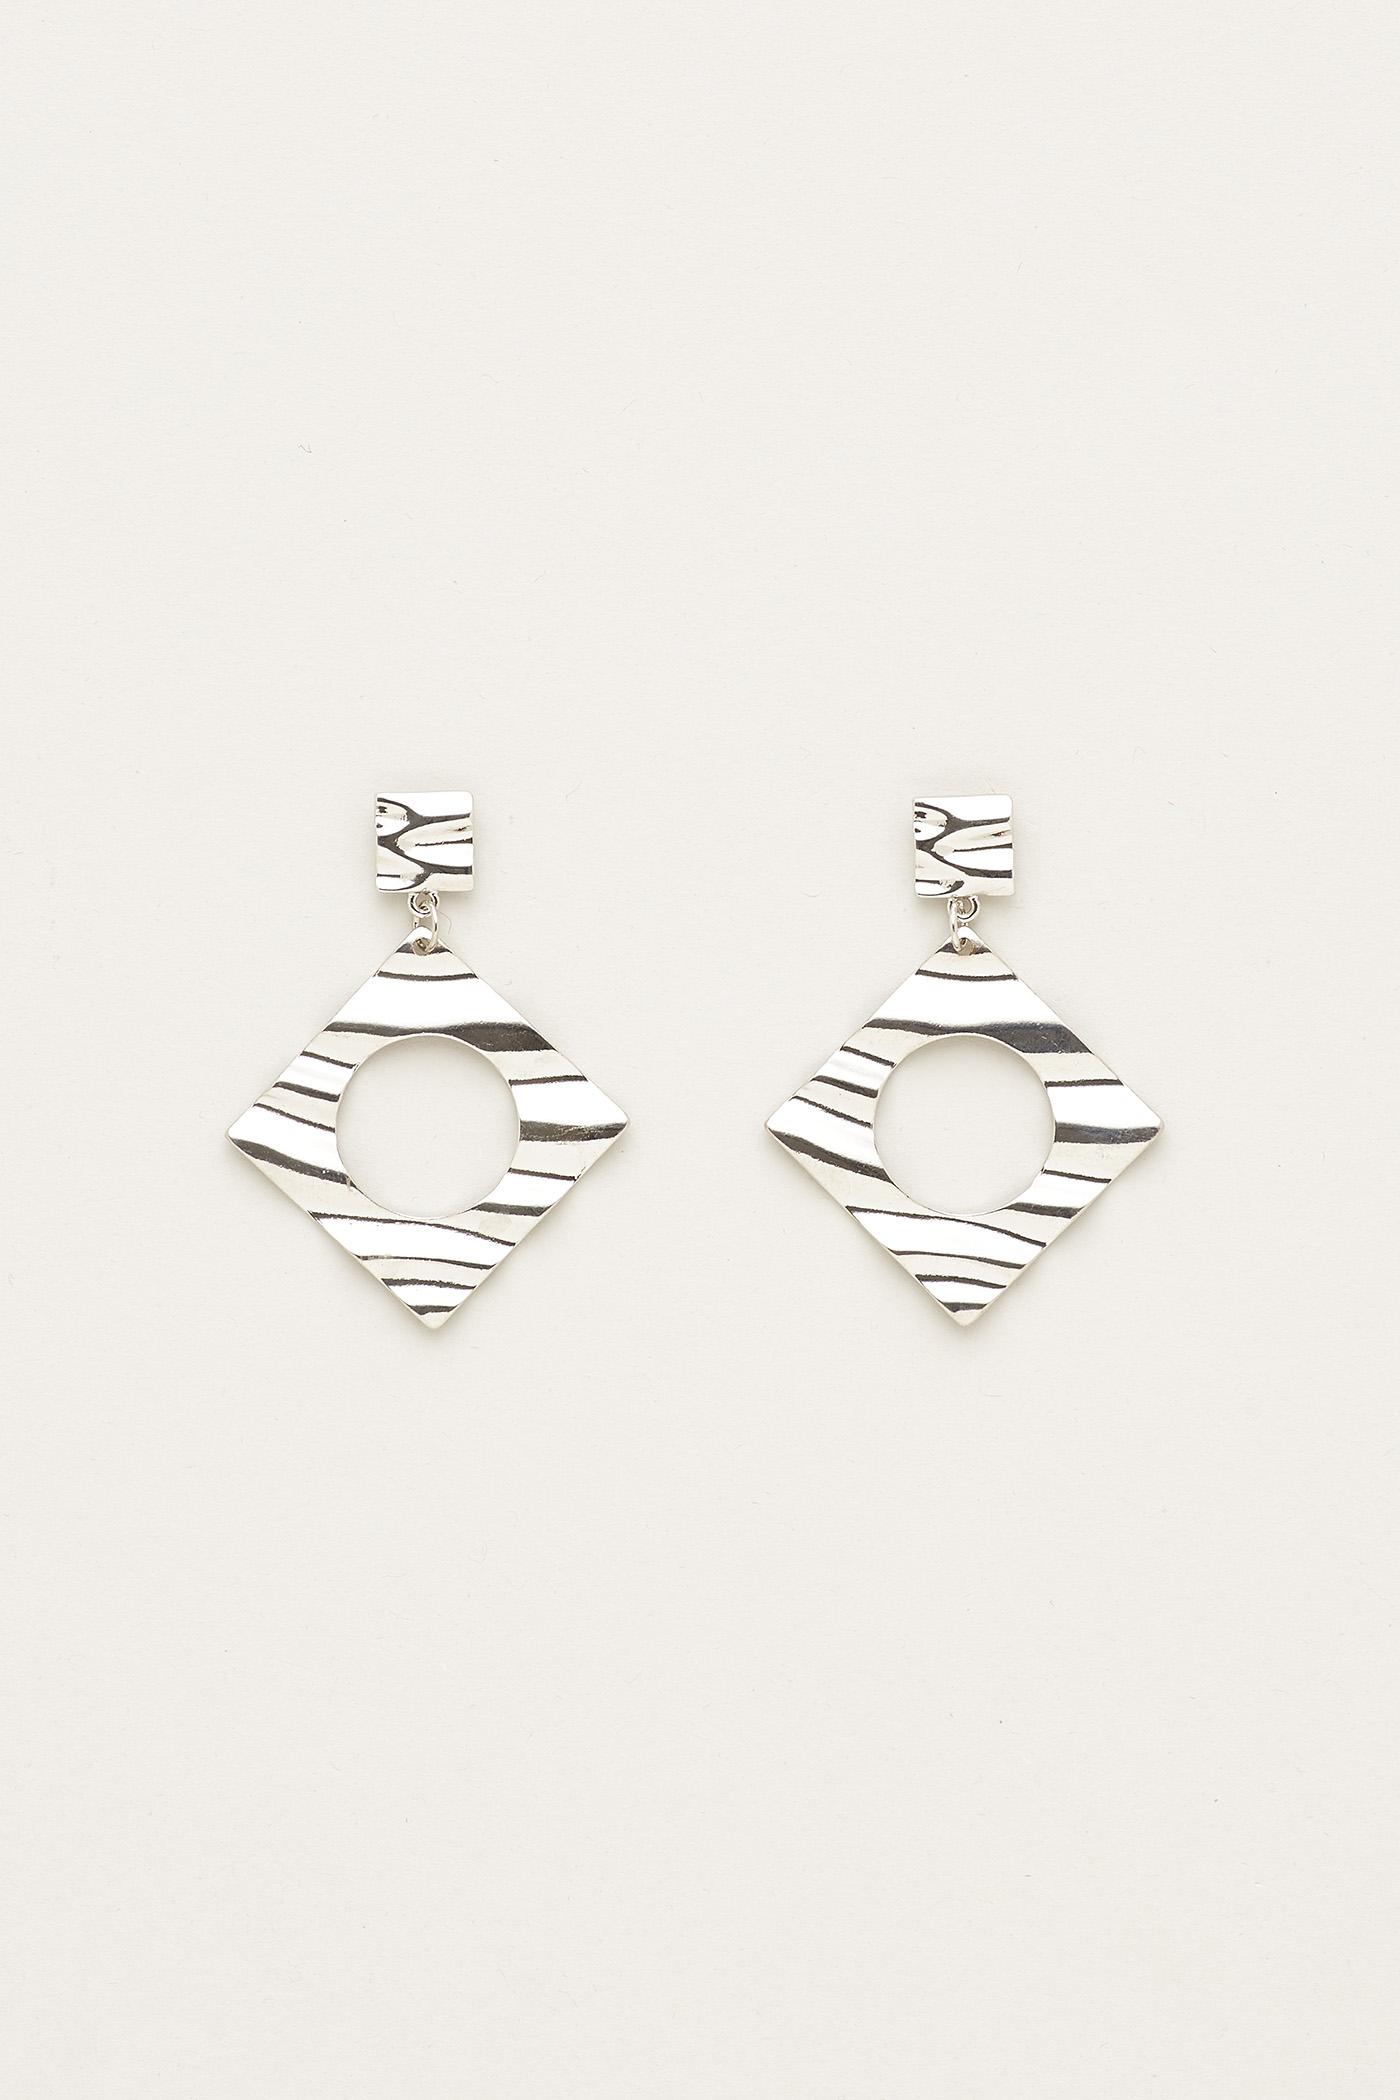 Eva Rhombus Wave Earrings